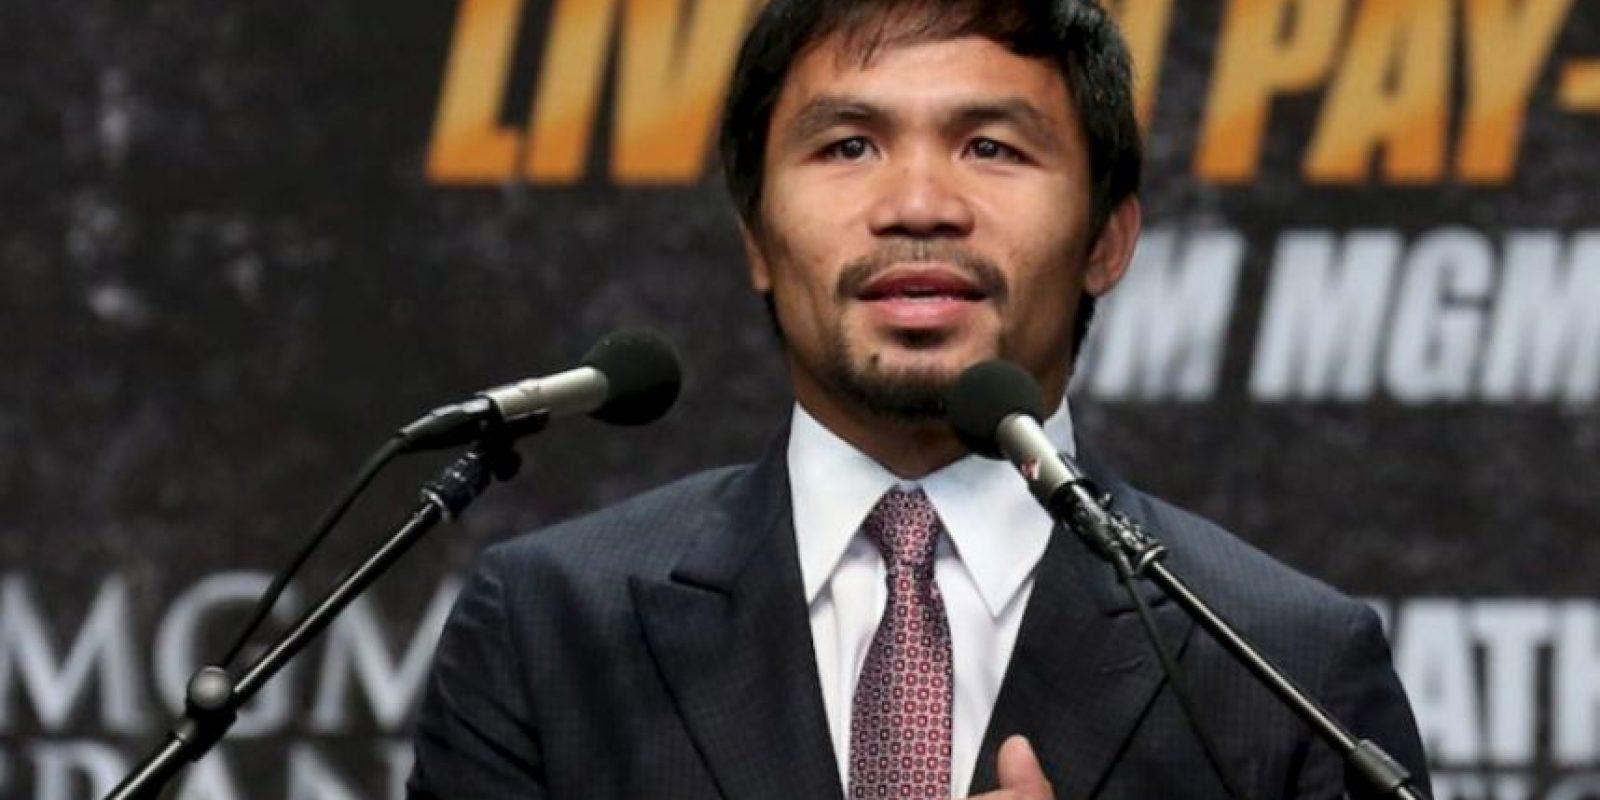 13. El segundo sitio de los boxeadores más ricos es de Manny que registra 26 millones de dólares por año Foto:Getty Images